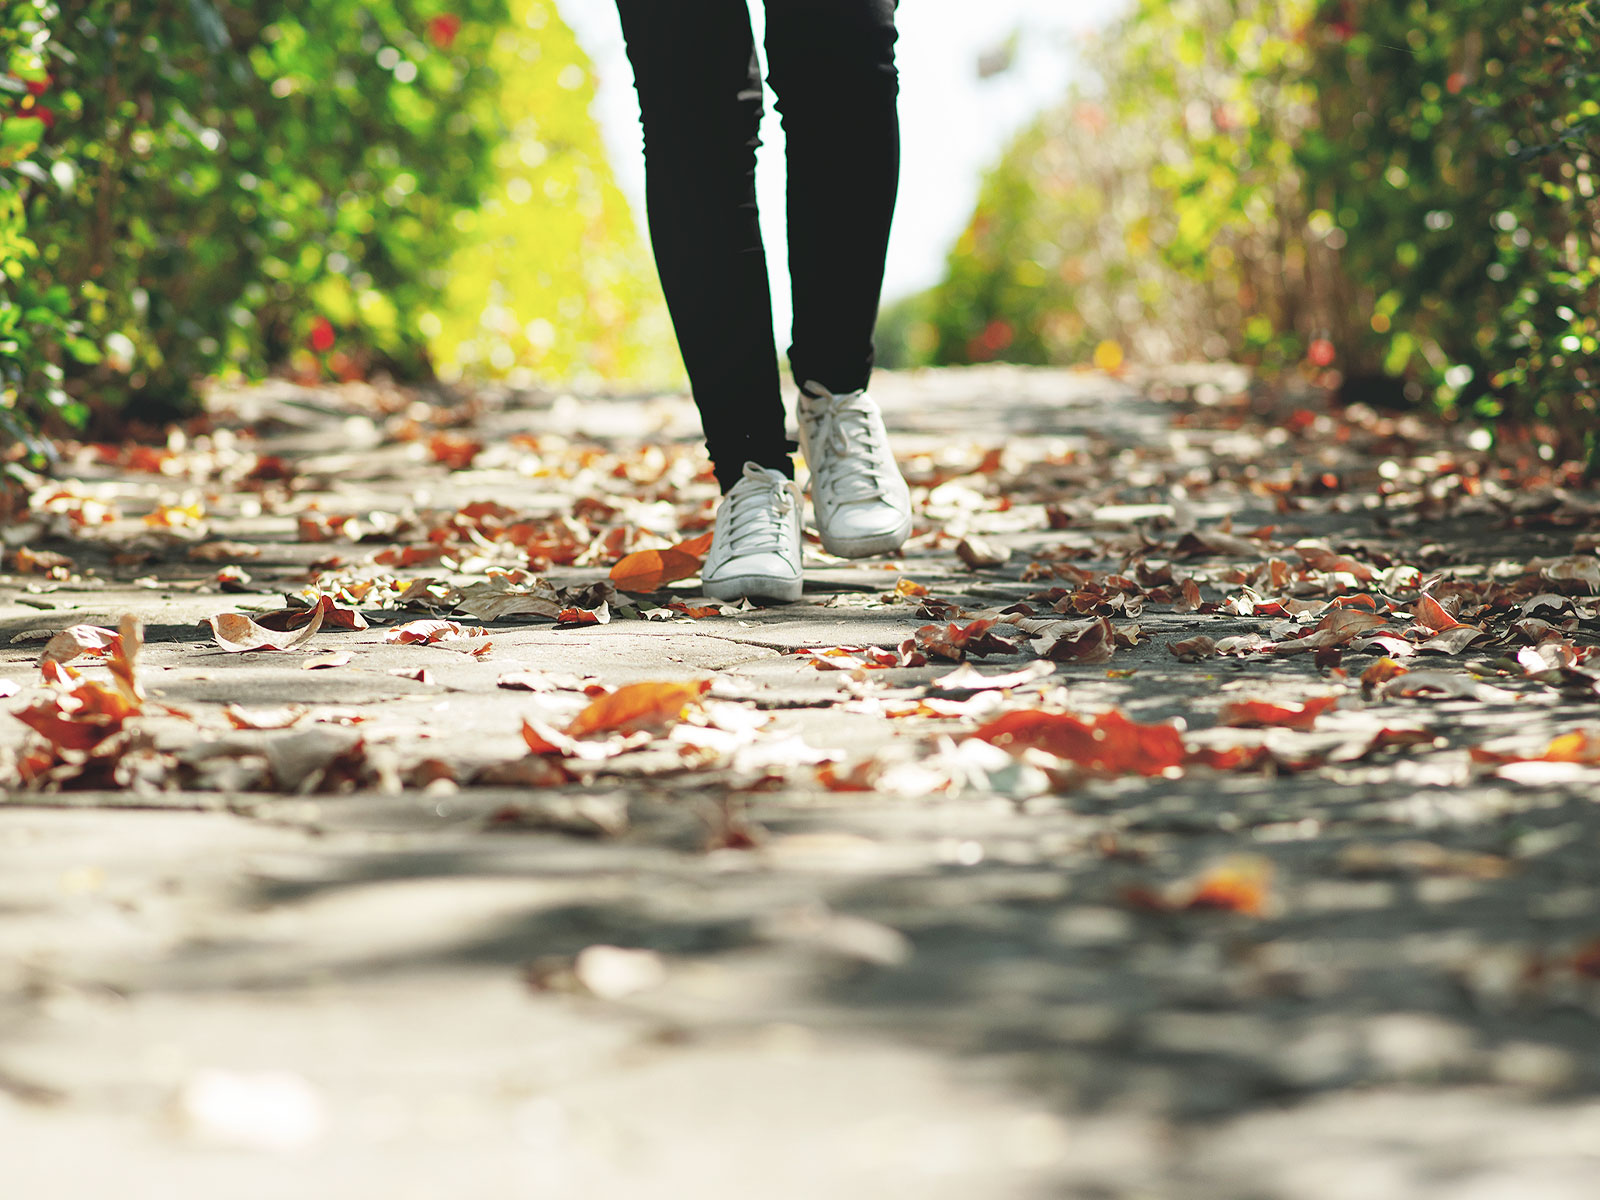 -Três-passos-para-viver-a-busca-pela-santidade